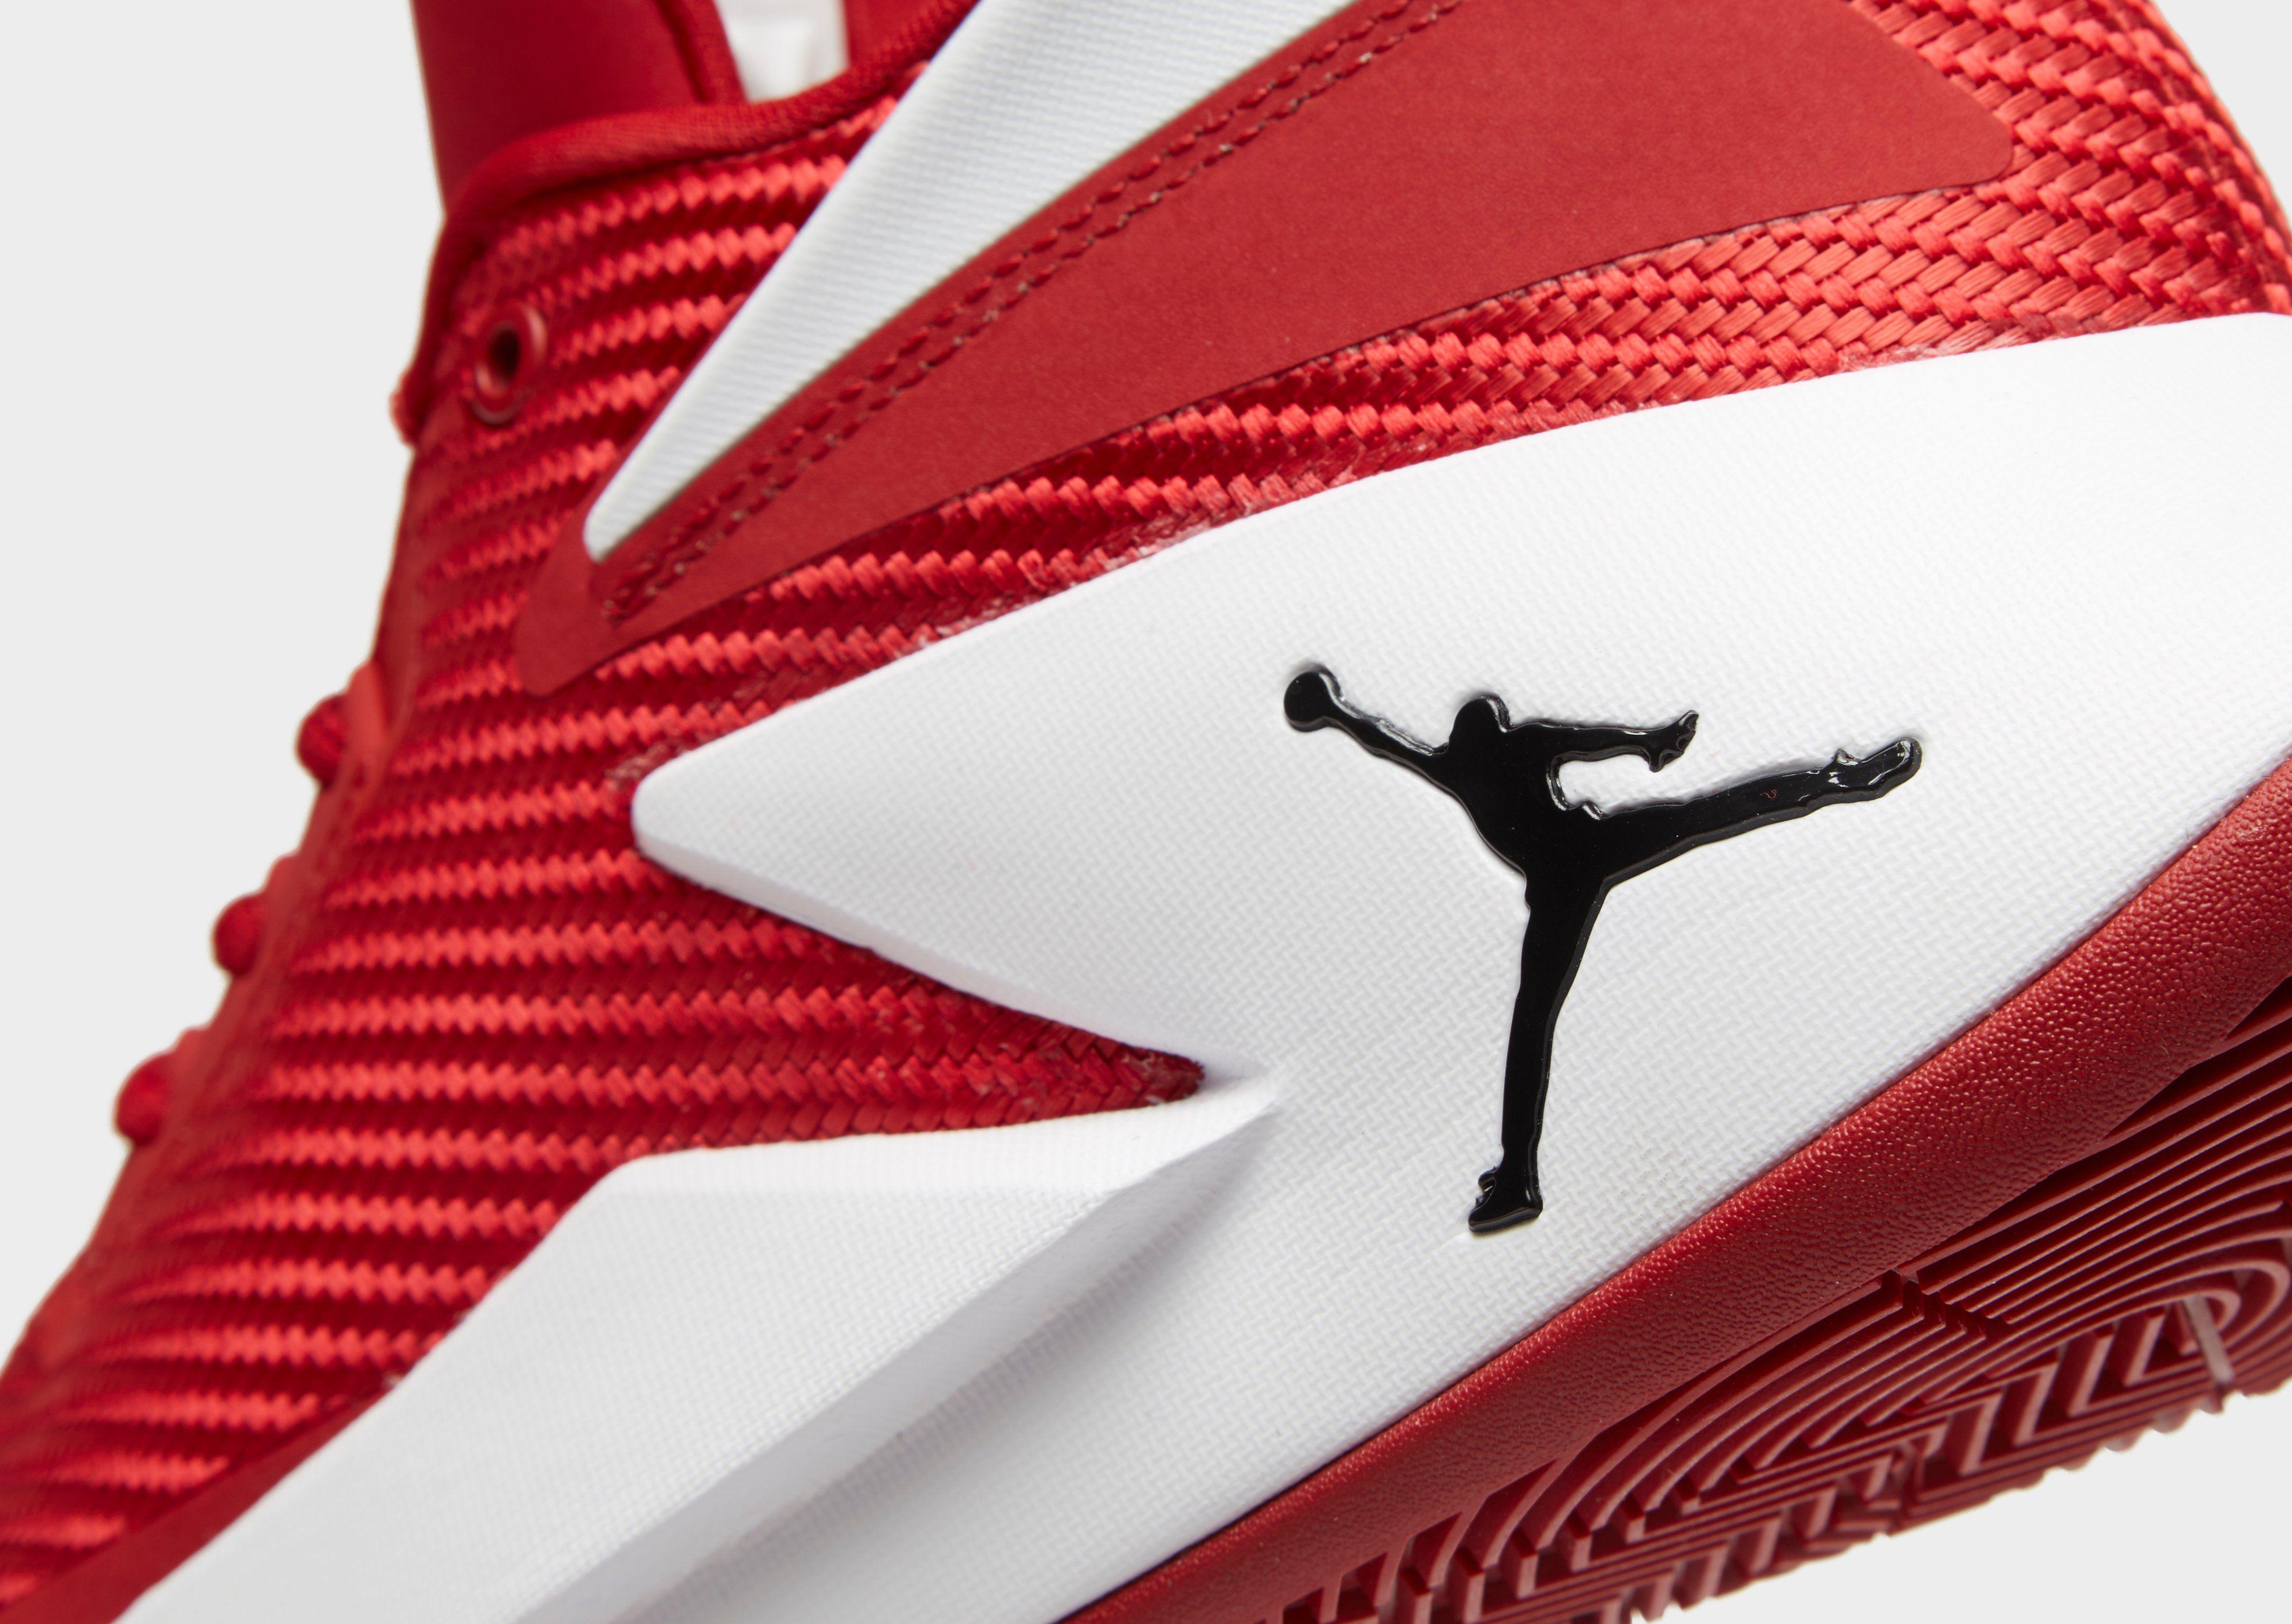 Jordan Fly Lockdown Rot Rabatt Zum Verkauf Günstig Kaufen Rabatte Wiki Verkauf Online 7zk8TU